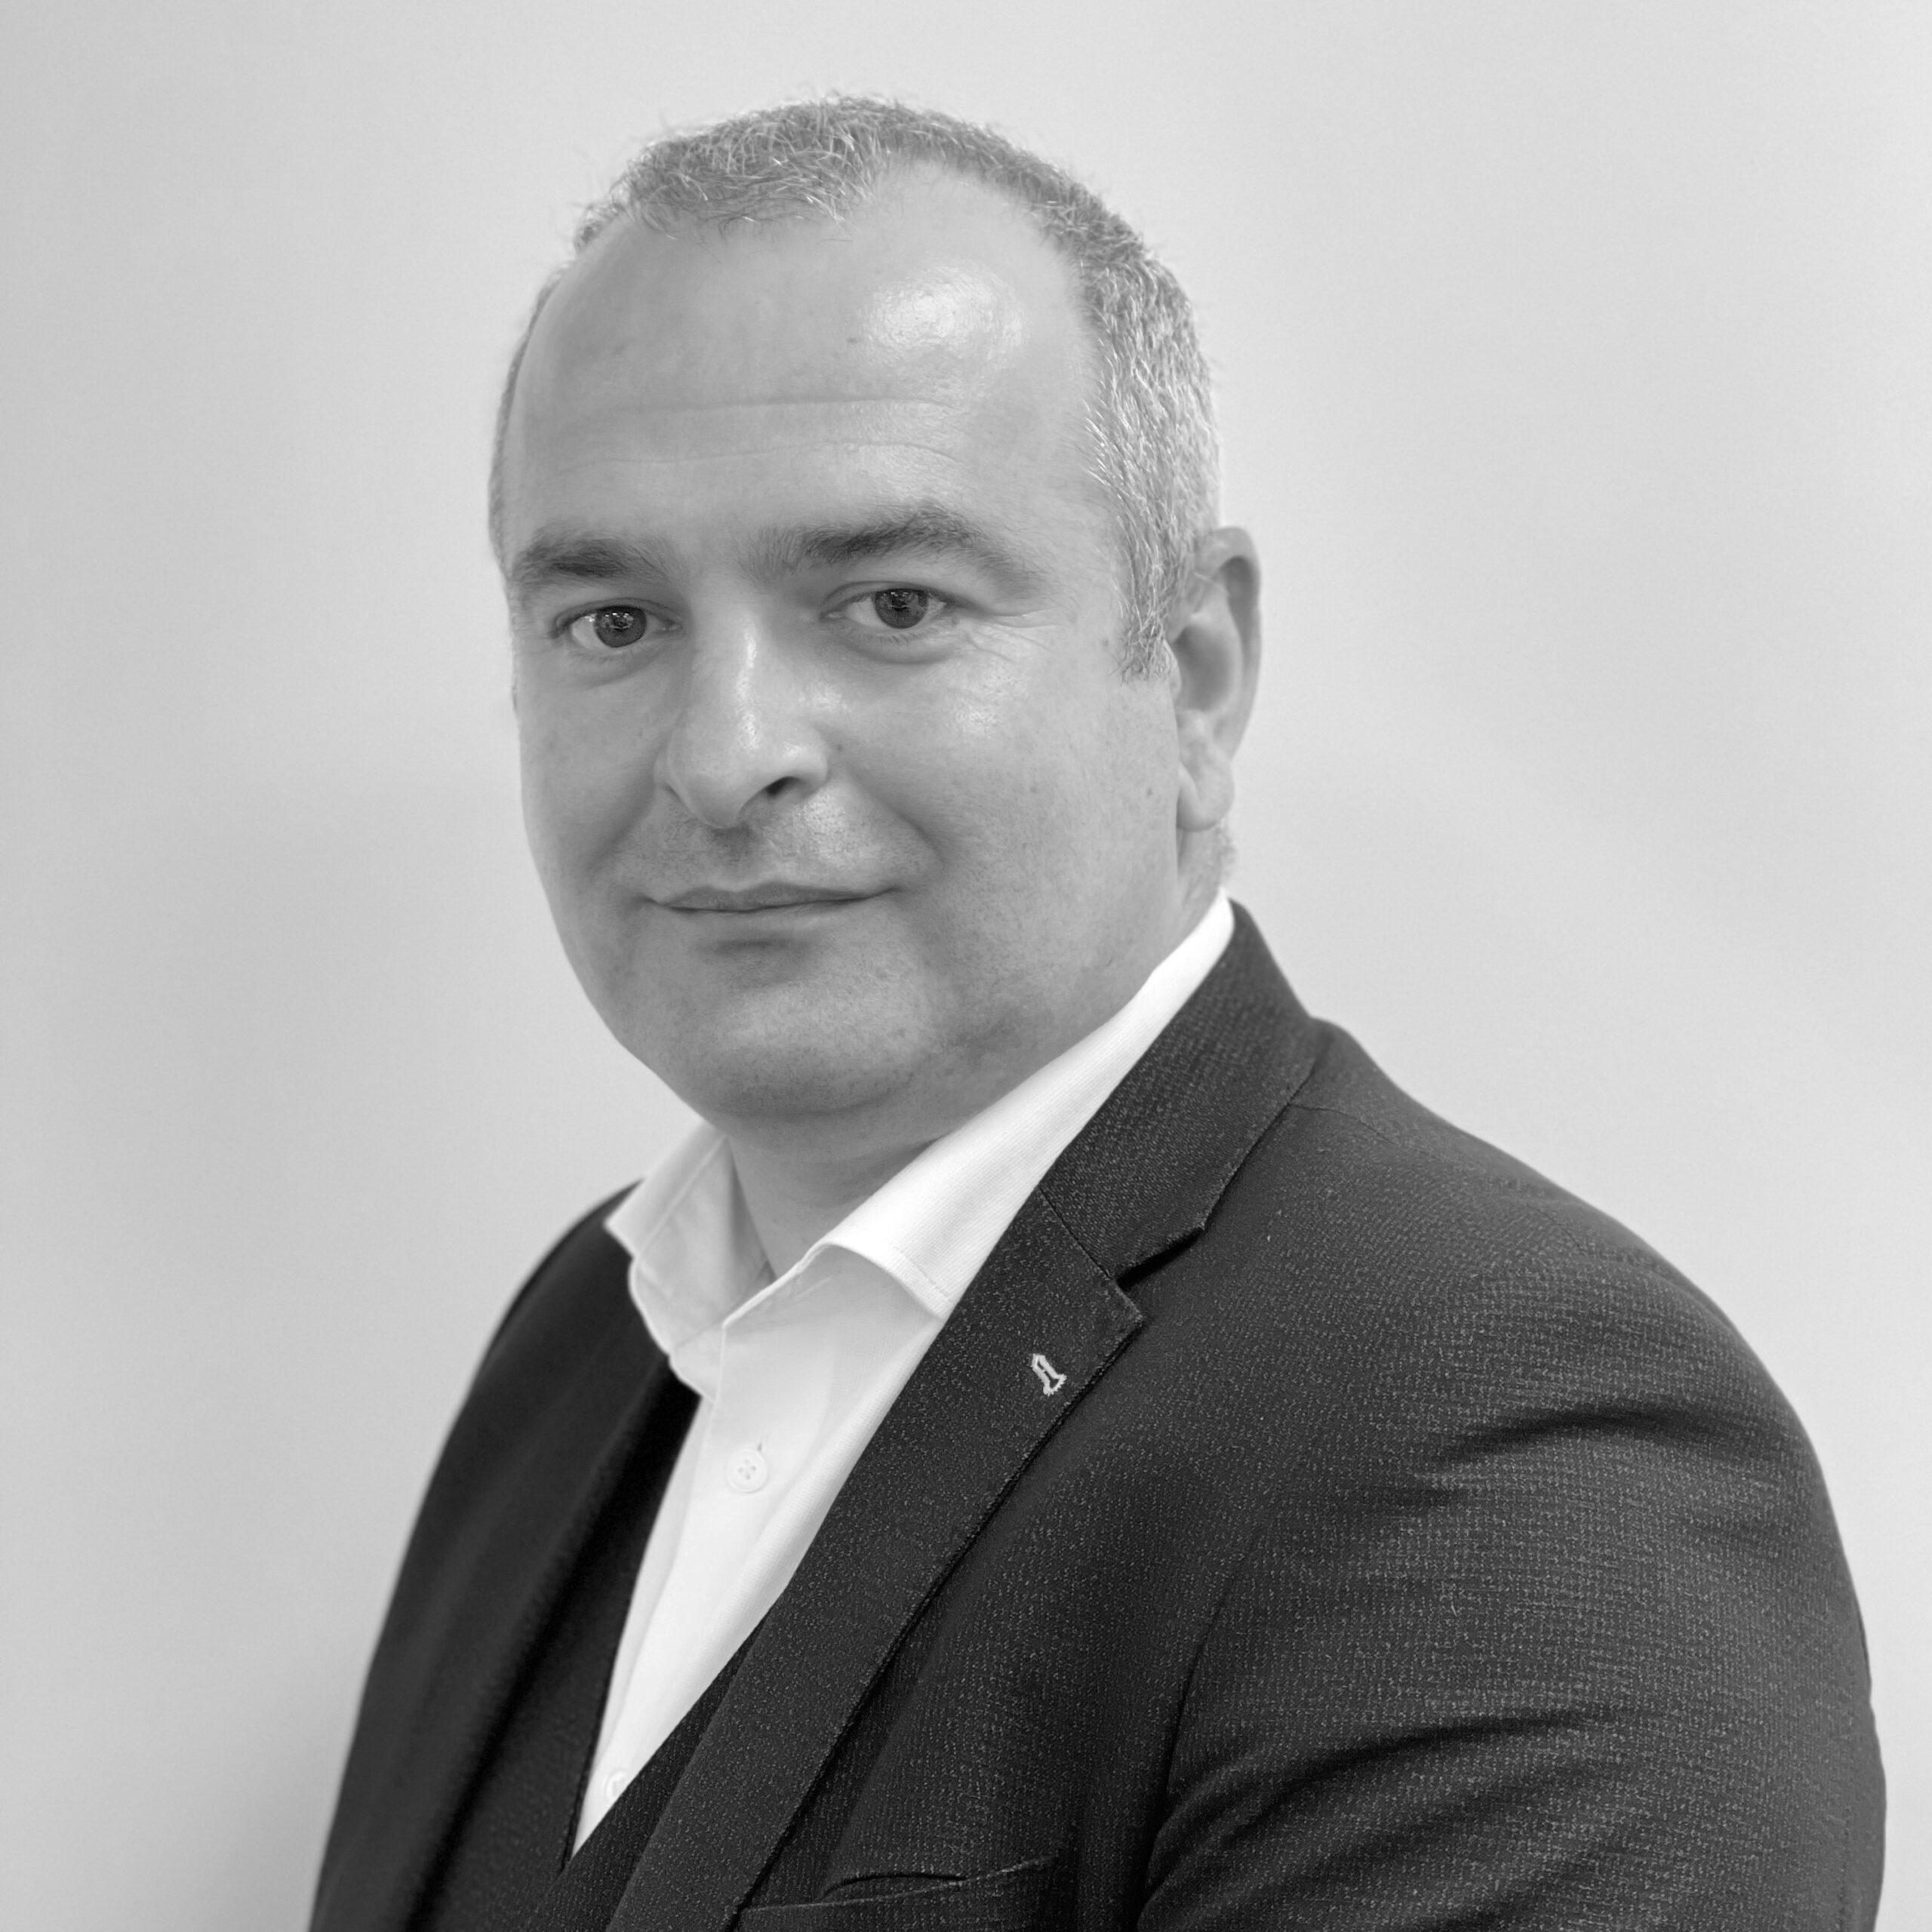 George Catanescu